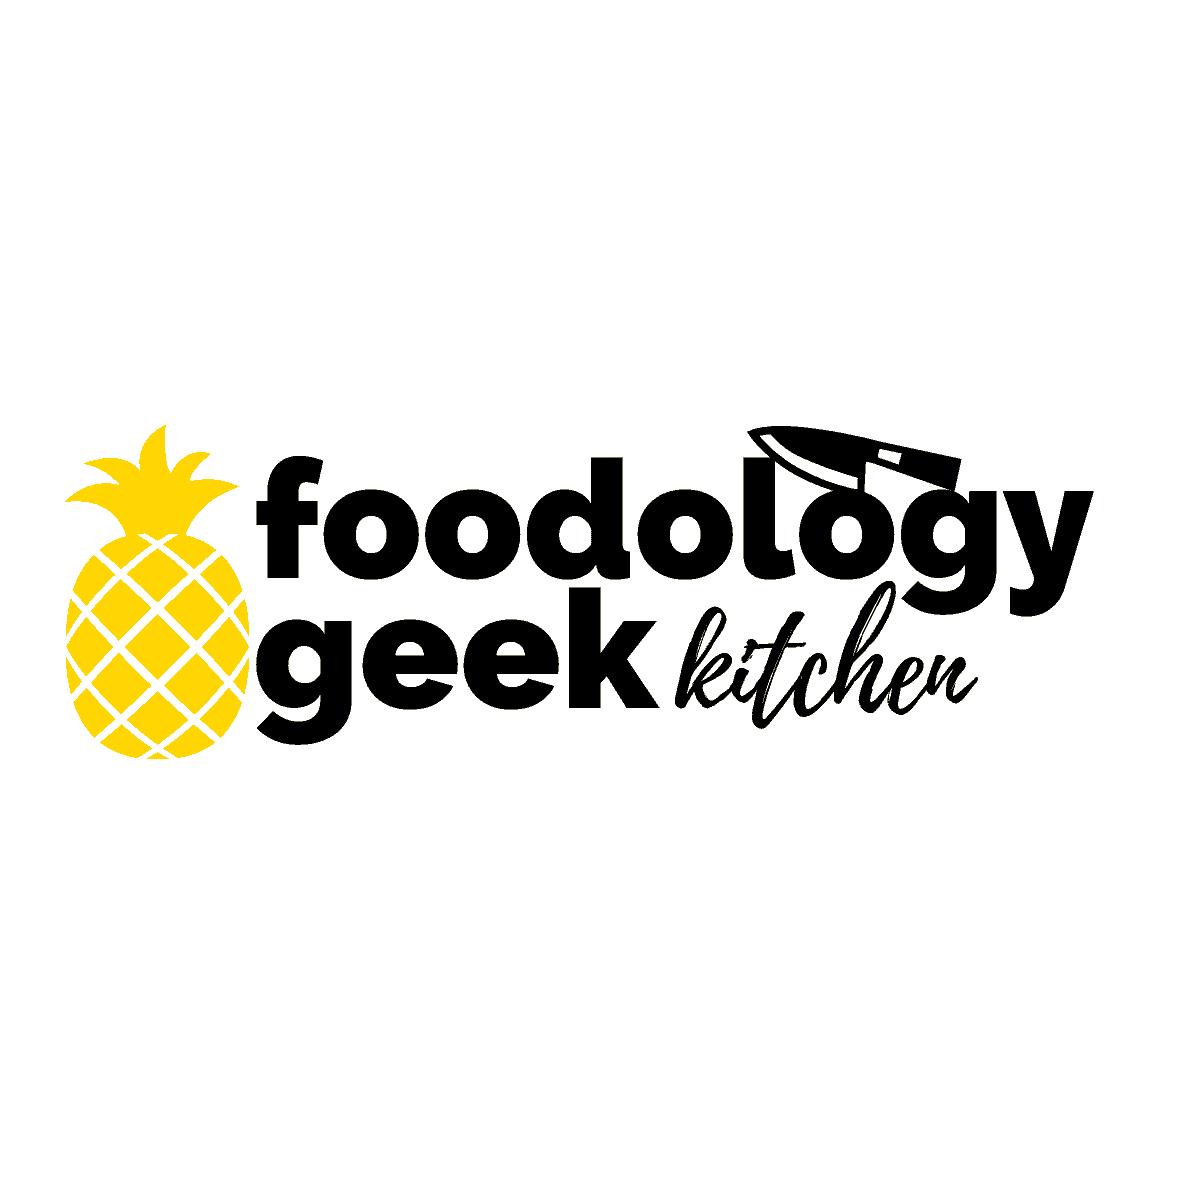 foodology geek homepage logo image